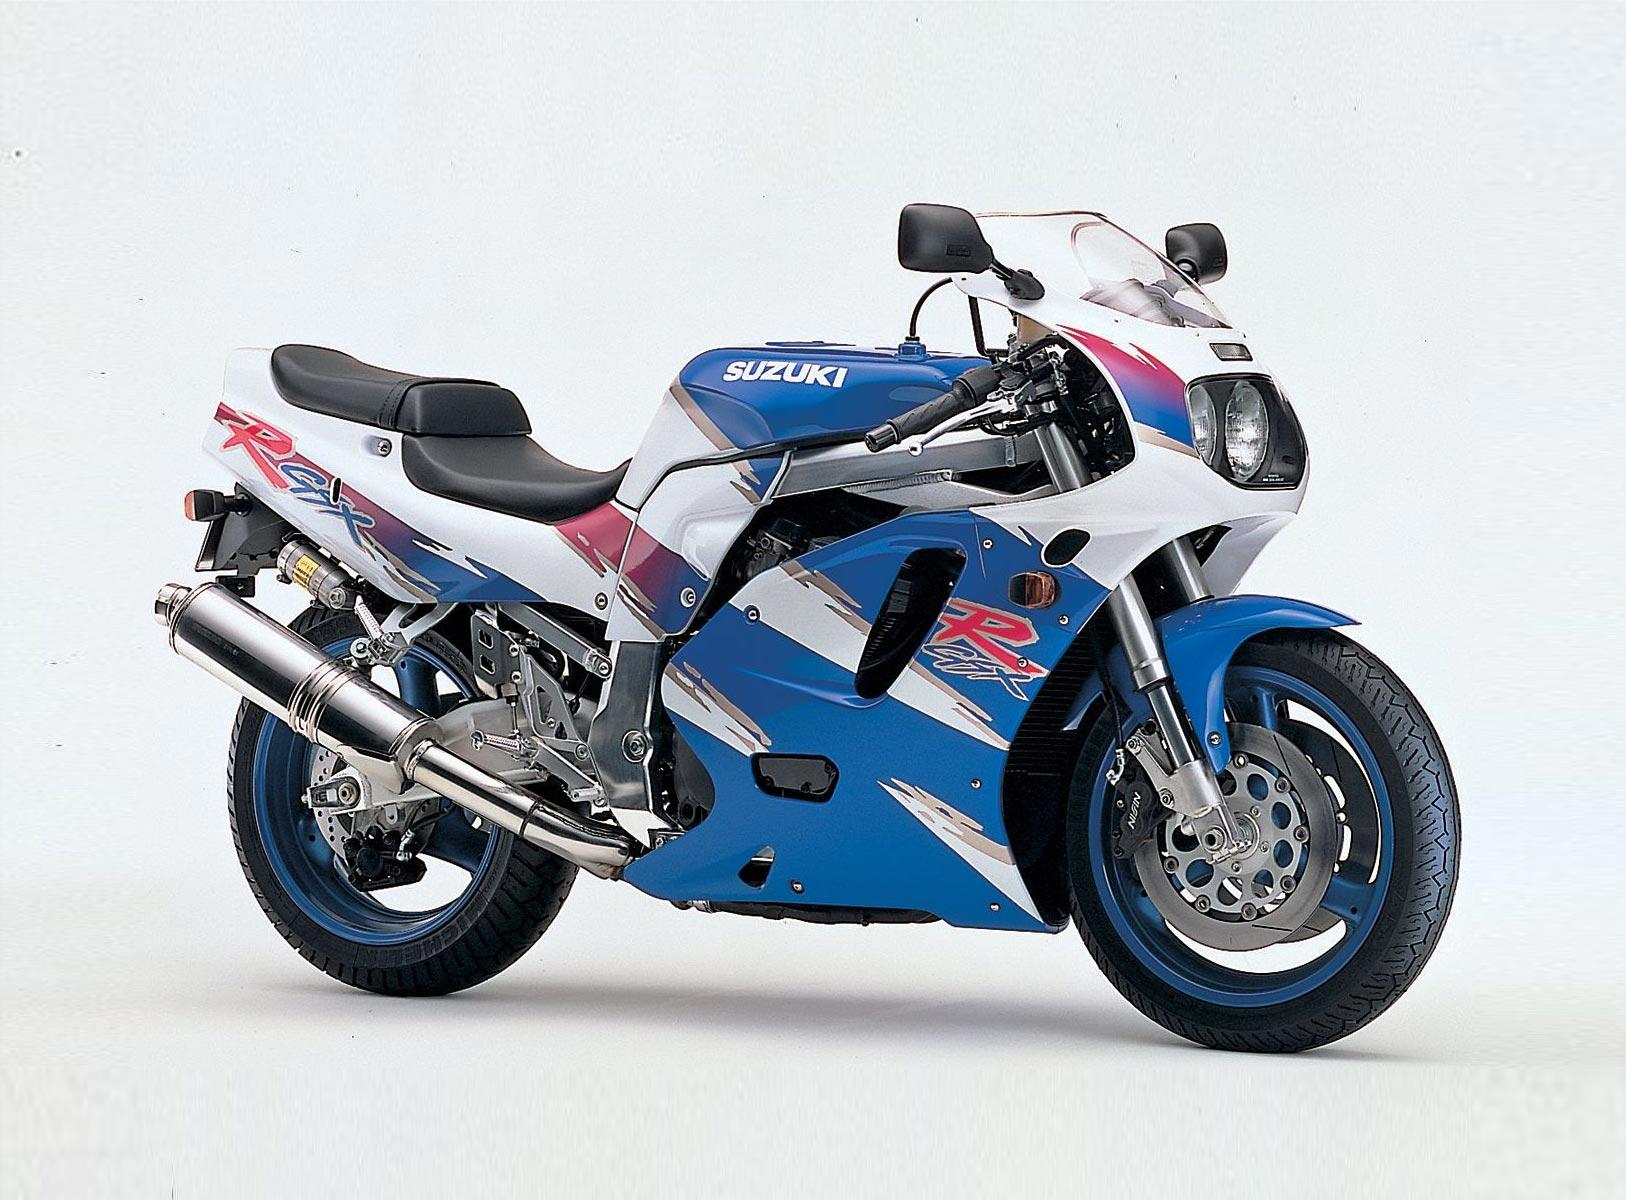 Suzuki Gsxr Motorcycle Battery